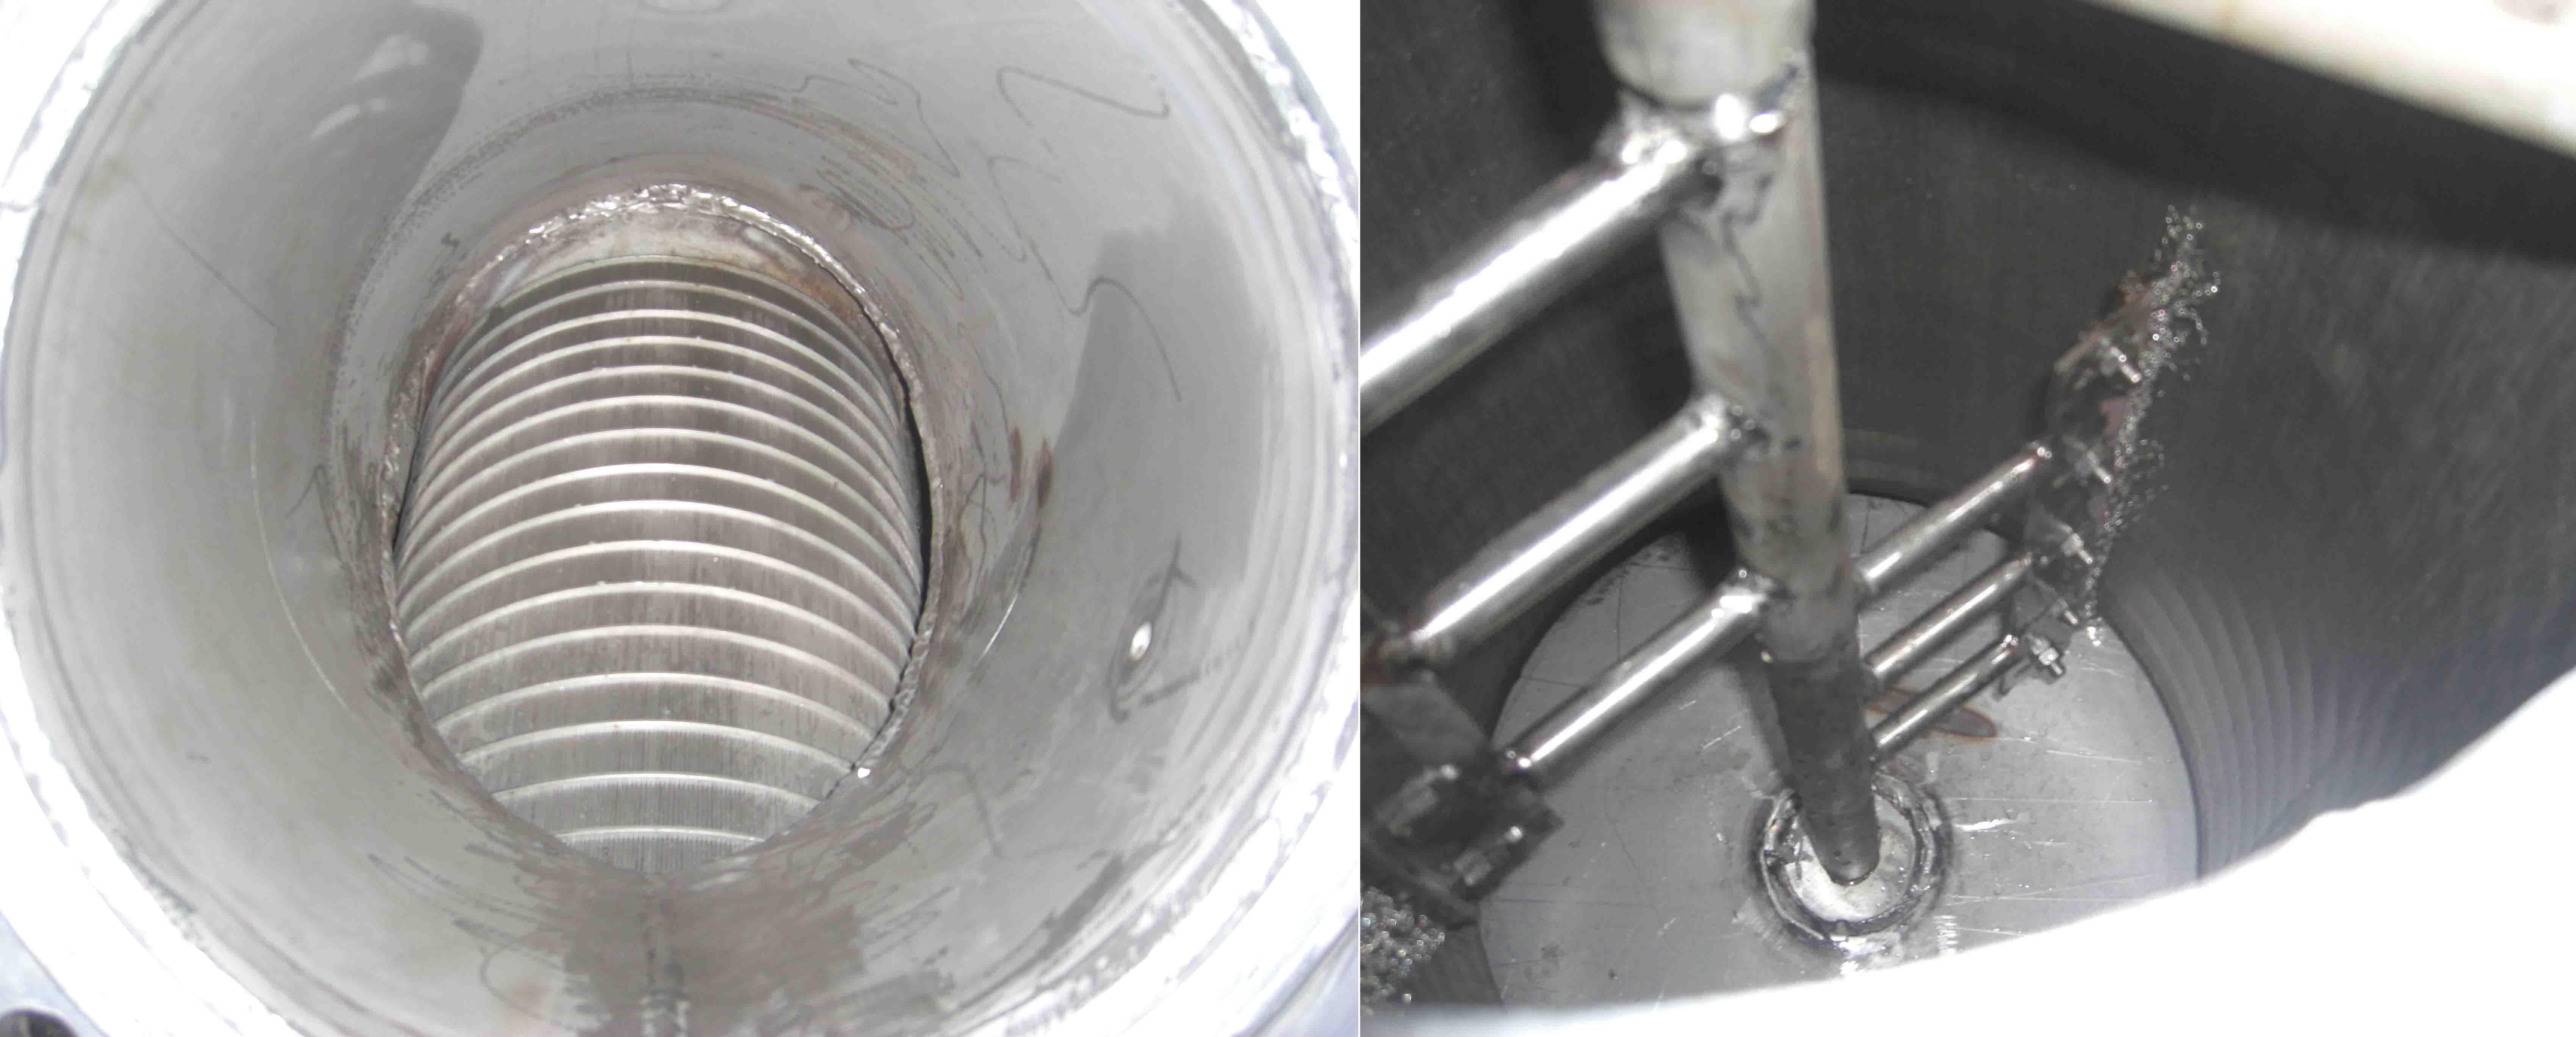 不锈钢全自动过滤器内部结构